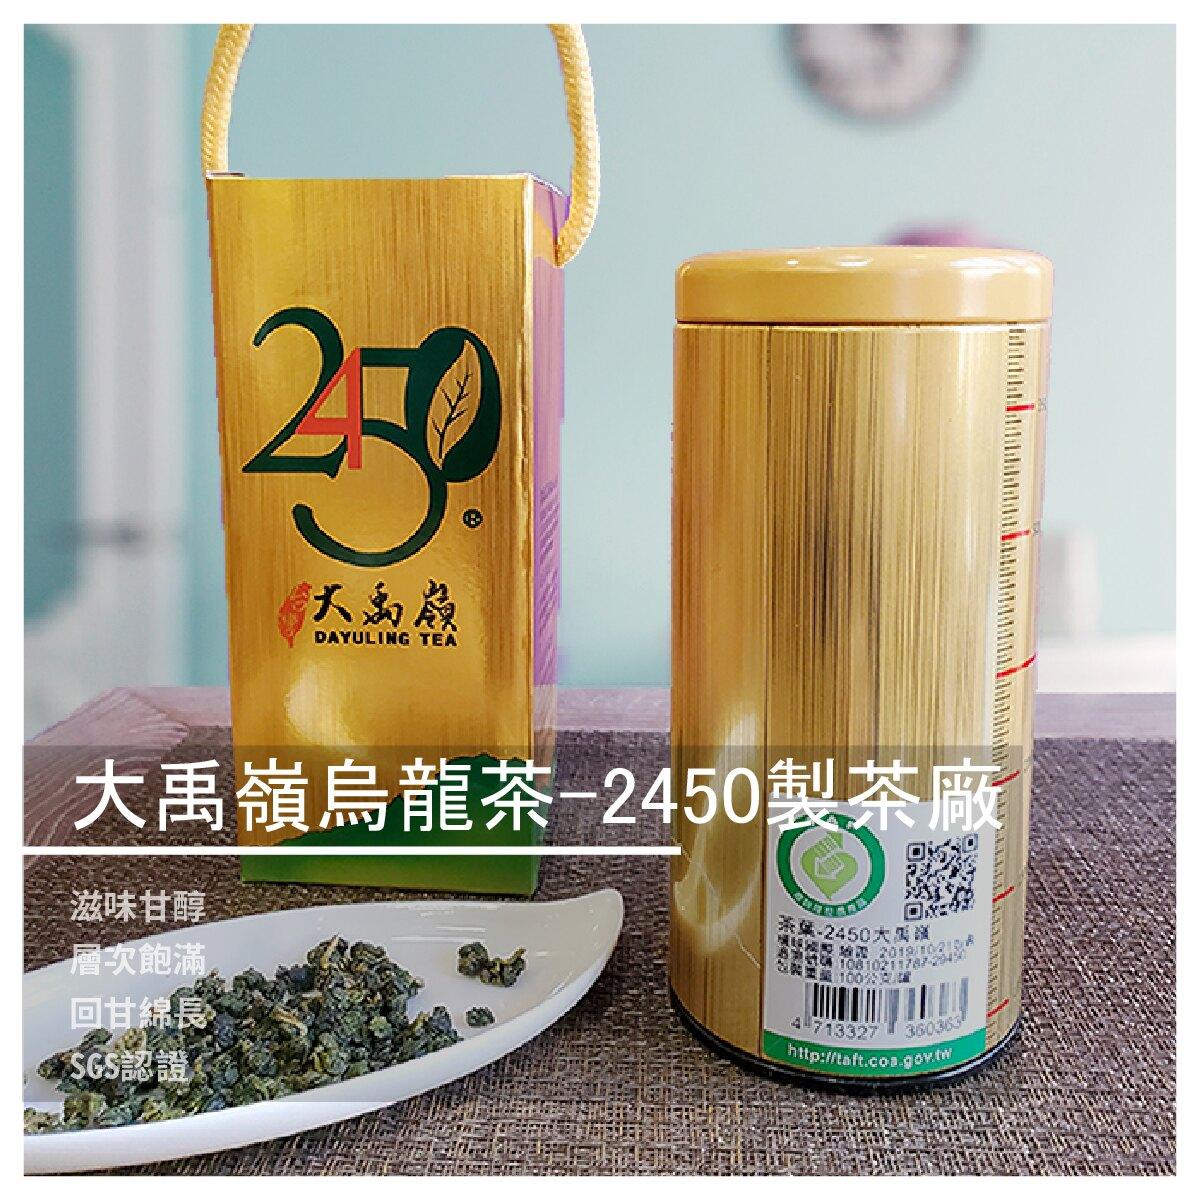 【台灣採茶趣】大禹嶺烏龍茶-2450製茶廠/罐